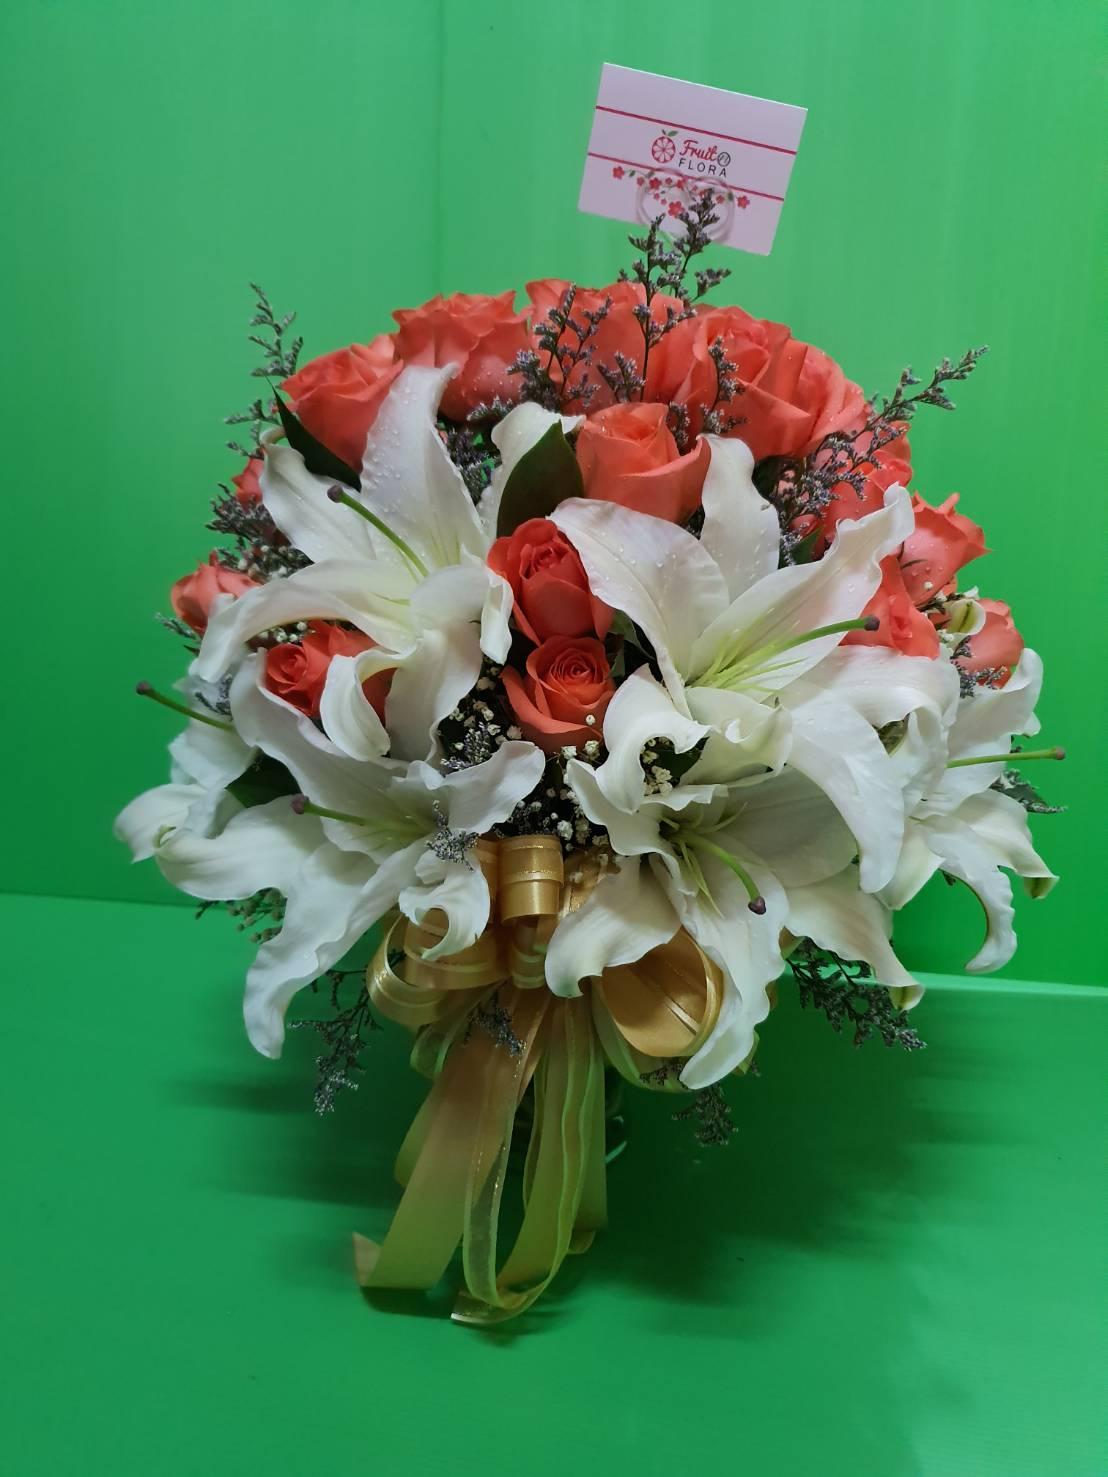 แจกันใส่ดอกไม้ เน้นตกแต่งด้วยดอกกุหลาบสีส้มกับลิลลี่สีขาว